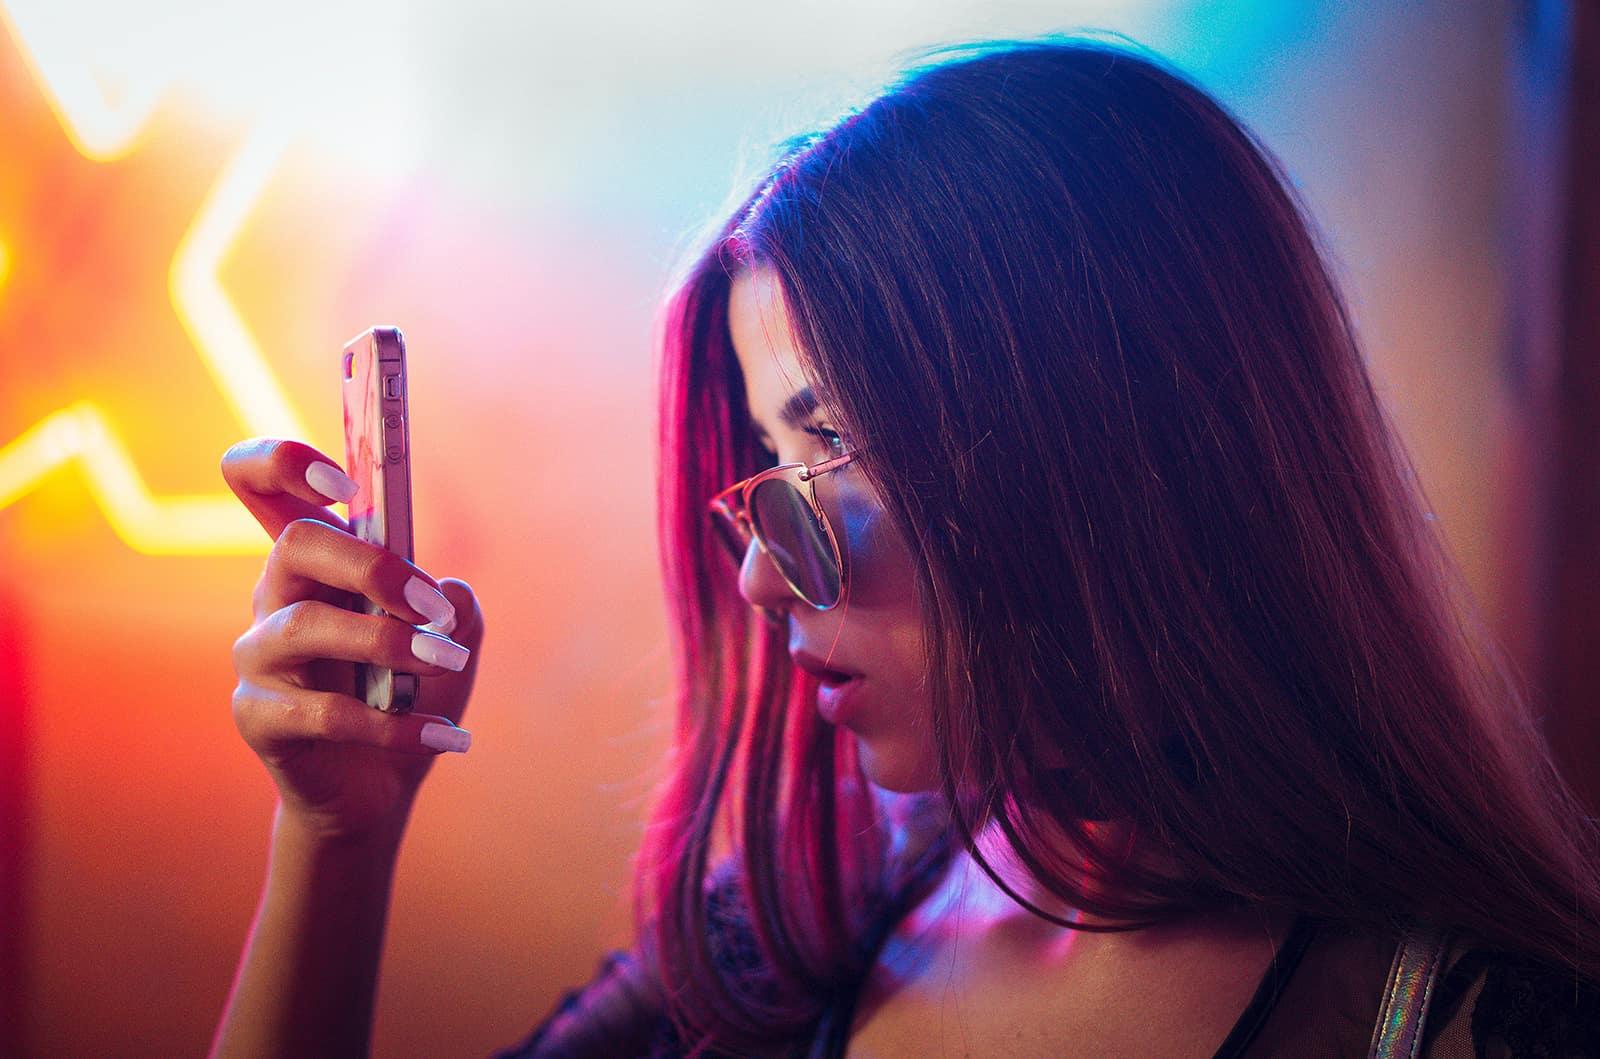 eine überraschte Frau, die ein Smartphone betrachtet, während sie in der Nähe der Neonlichter steht